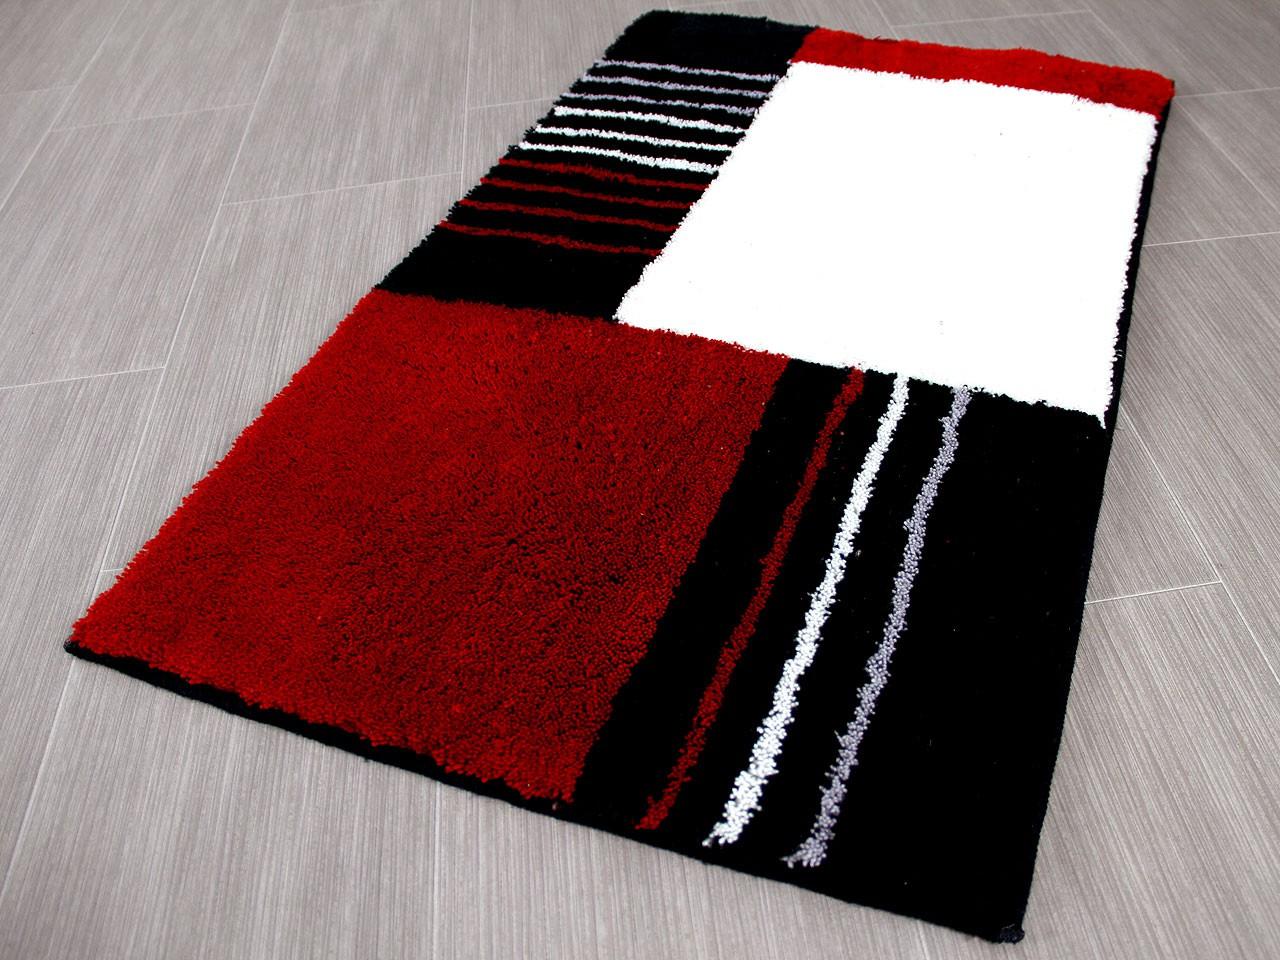 Pacific Badteppich Jemo Rot Modern Abverkauf Kaufen Bei